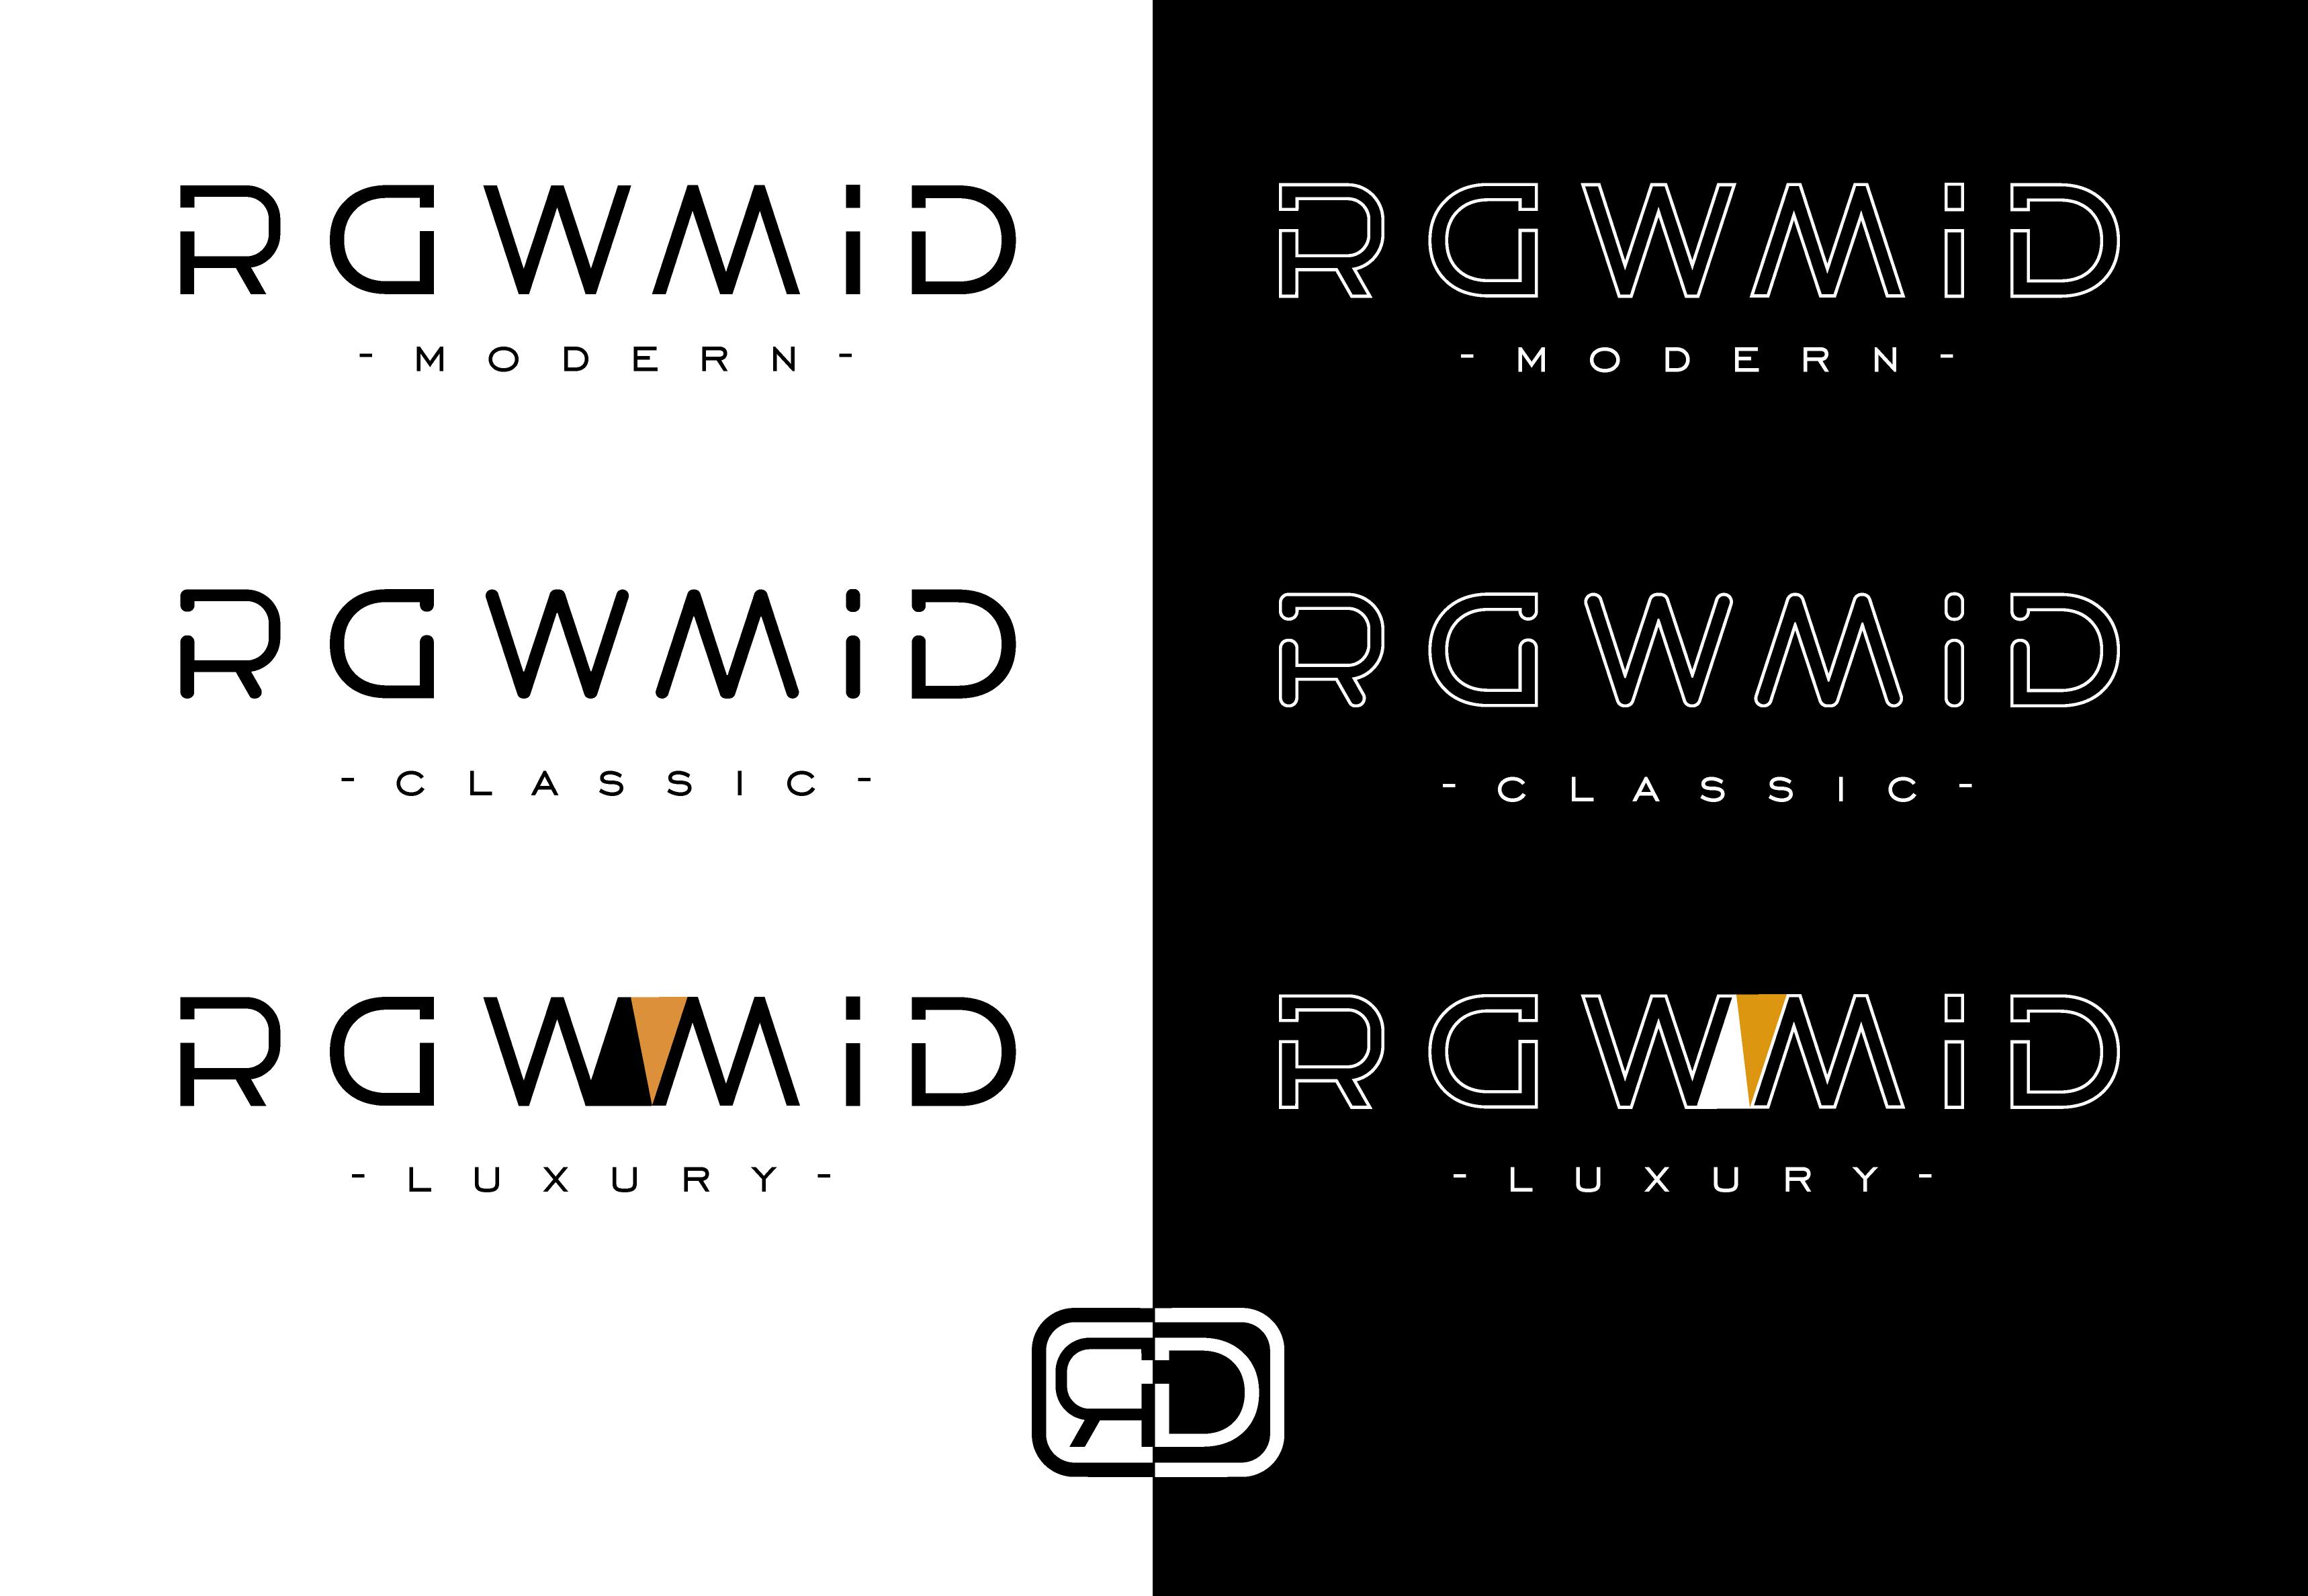 Создать логотип (буквенная часть) для бренда бытовой техники фото f_0235b3531e40b681.png